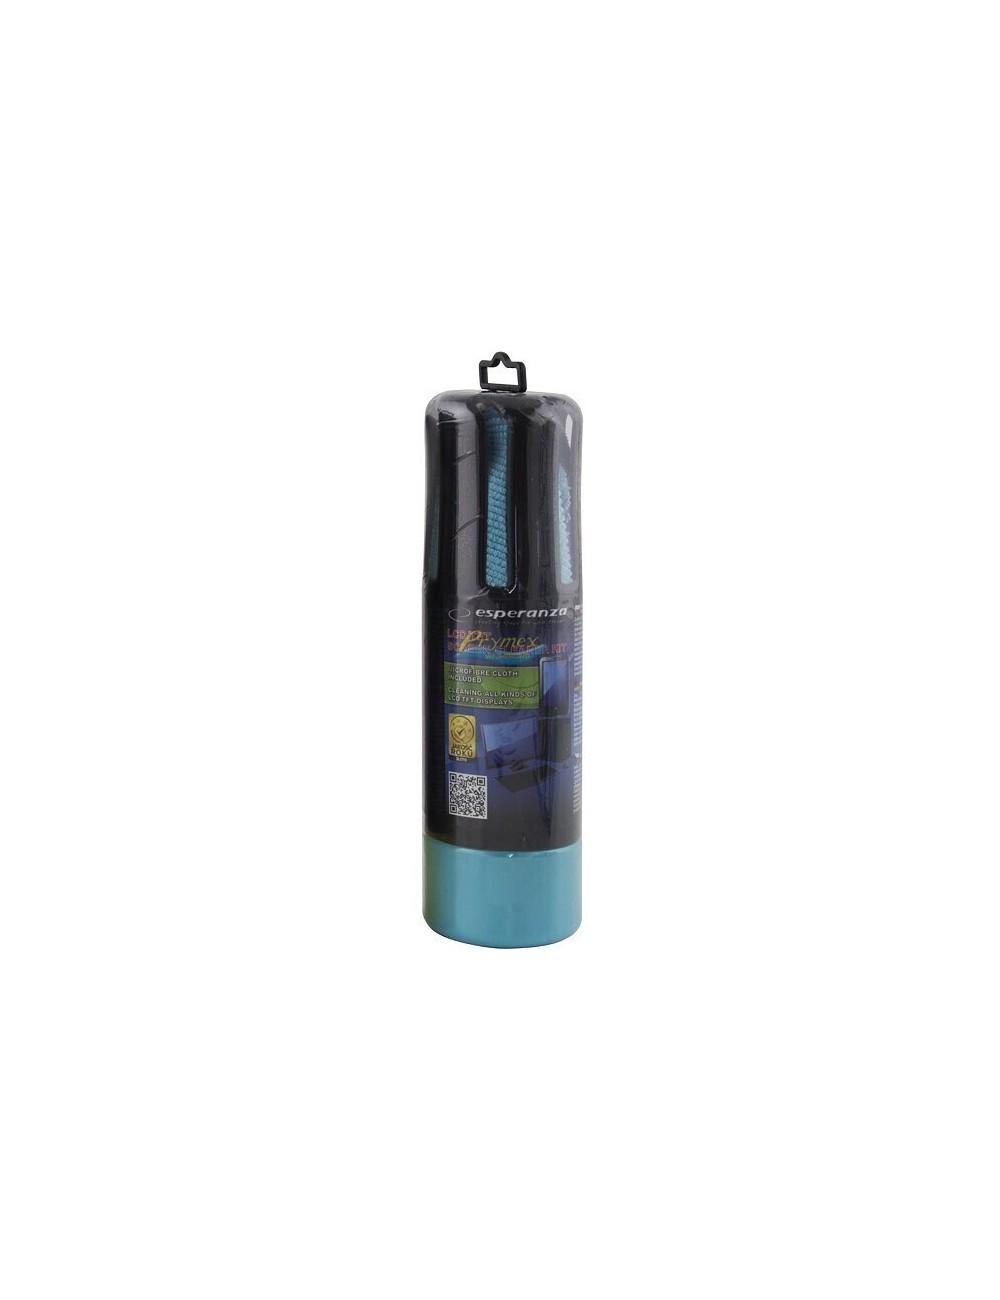 Esperanza Zestaw do Czyszczenia Wyświetlaczy Ciekłokrystalicznych (żel 150 ml + ściereczka) 1 szt